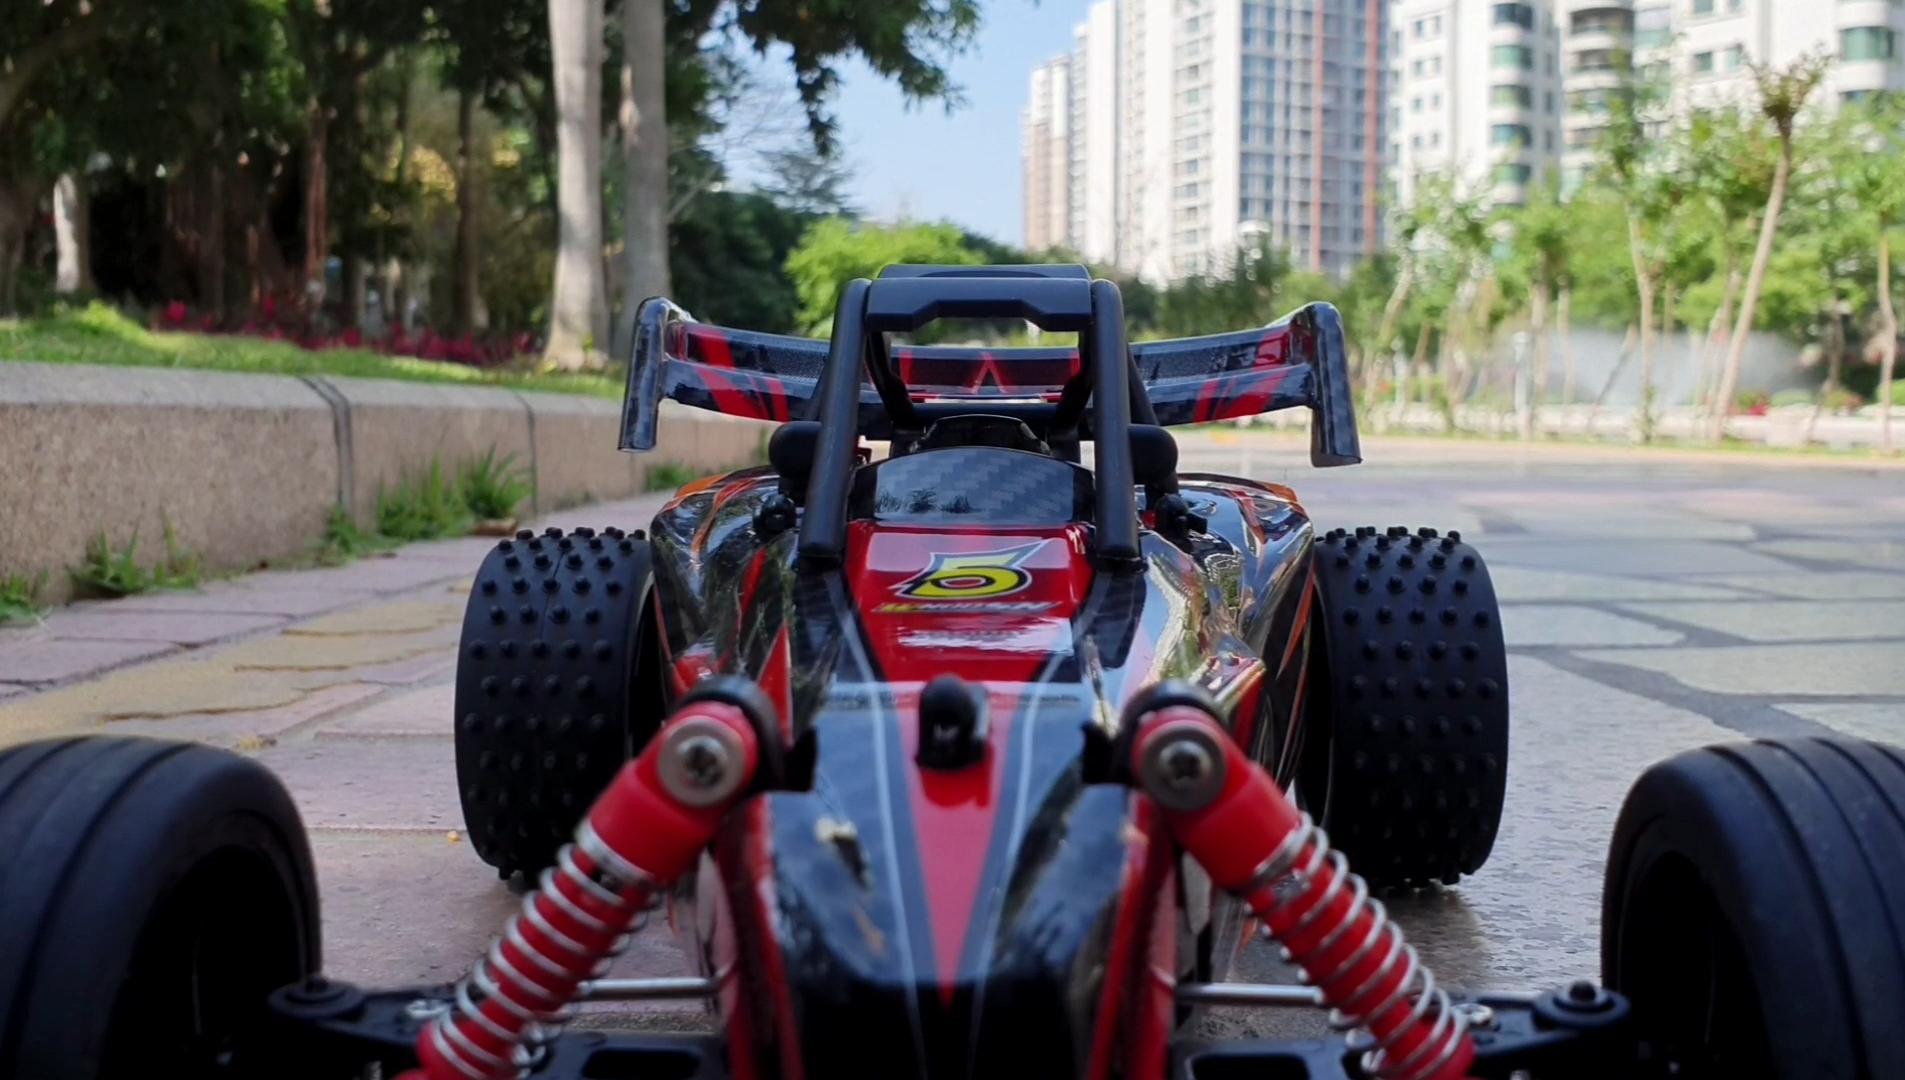 Wholesale Mainan Mobil Kecepatan Tinggi RC Mobil Remote Control Off Road Kereta Mainan Berkualitas Tinggi Radio Control Mainan RC mobil Balap